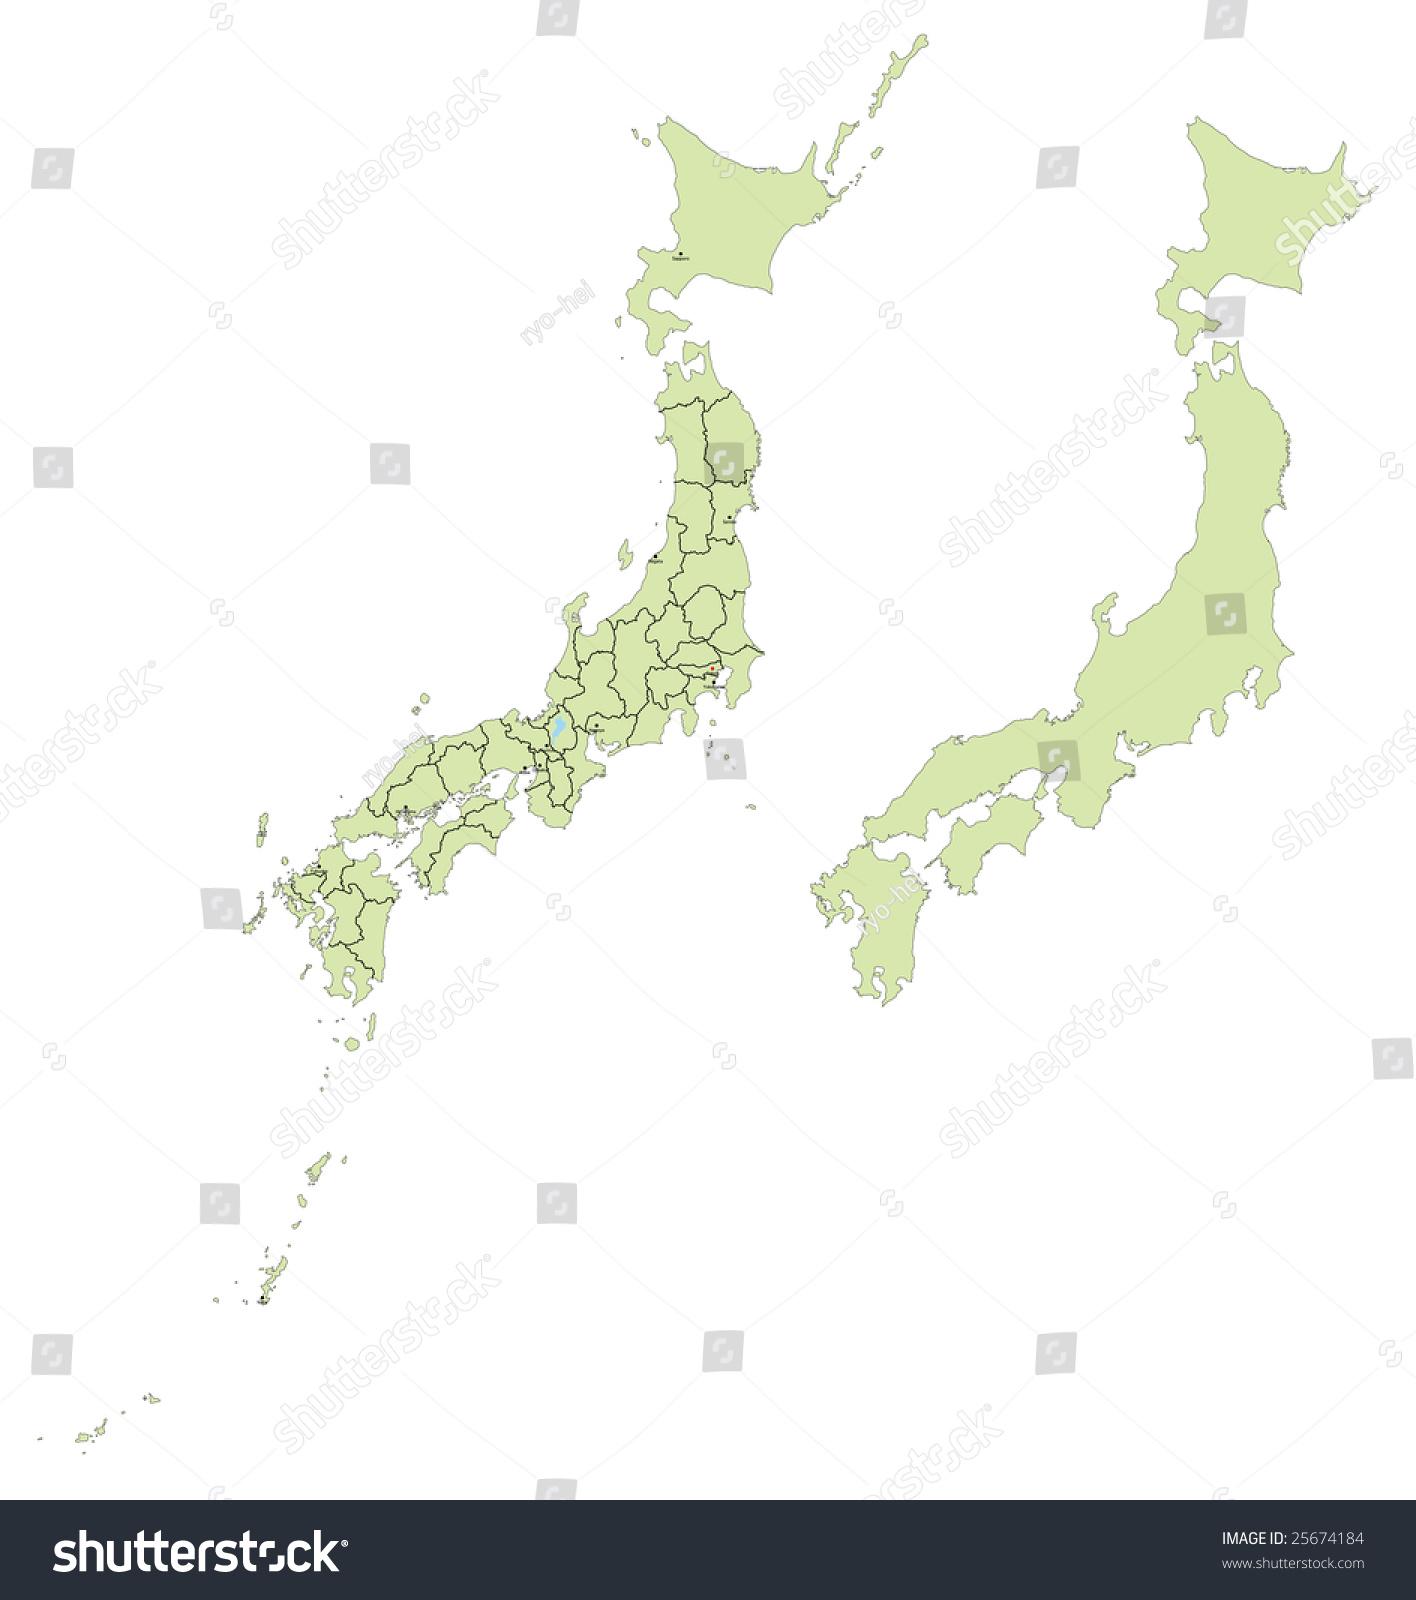 日本本州边境地图-物体,插图/剪贴图-海洛创意()-中国